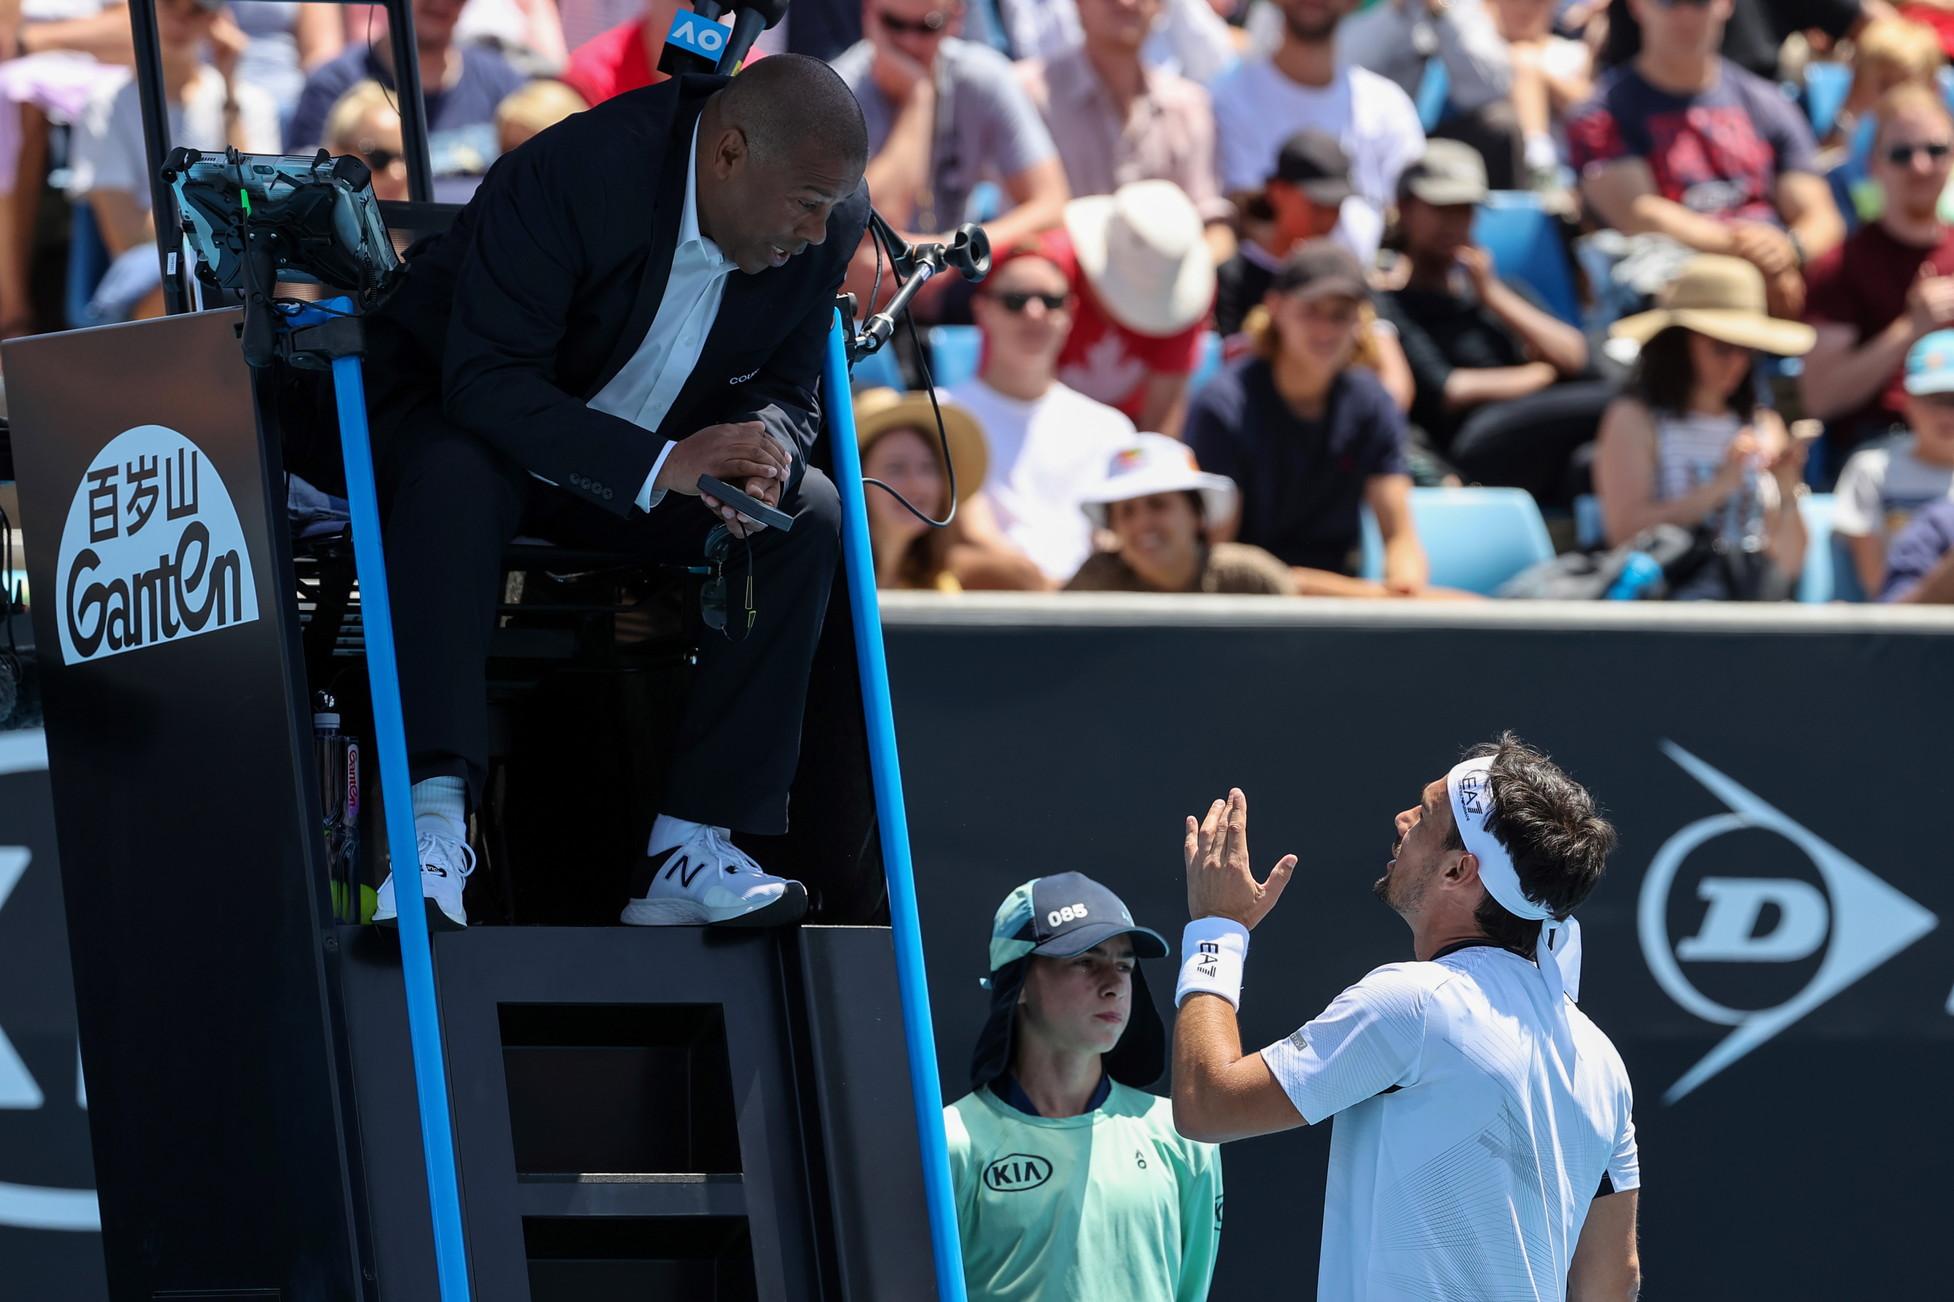 """Splendida rimonta, racchette spaccate, penalty-point esfuriata in italiano contro l'arbitro. Fabio Fognini ha dato spettacolo in tutti i sensi nel primo turno degli Australian Open contro il gigante americanoReilly Opelka. Il tennista ligure è esploso nel secondo game del quinto e decisivo set contro l'arbitro di sedia, il brasilianoCarlos Bernardes Fefè.""""Fai pena, ho solo fatto così con la racchetta.Non puoi parlare, stai zitto, l'ho fatto due volte. Poi hai capito perché non ti voglio più vedere?Non mi metti tranquillità, non puoi darmi la penalità nel 5° set - lo sfogo del numero 12 del mondo -. Siamo 1-0 al 5°, devi usare la testa e non darmi penalty-point. Non ti ho mandato aff.... Per quello non voglio stare con te,non mi dai sicurezza e non mi piaci. Io già ho i cazzimiei, in più vedo te sulla sedia esbrocco perché non sei all'altezza""""."""